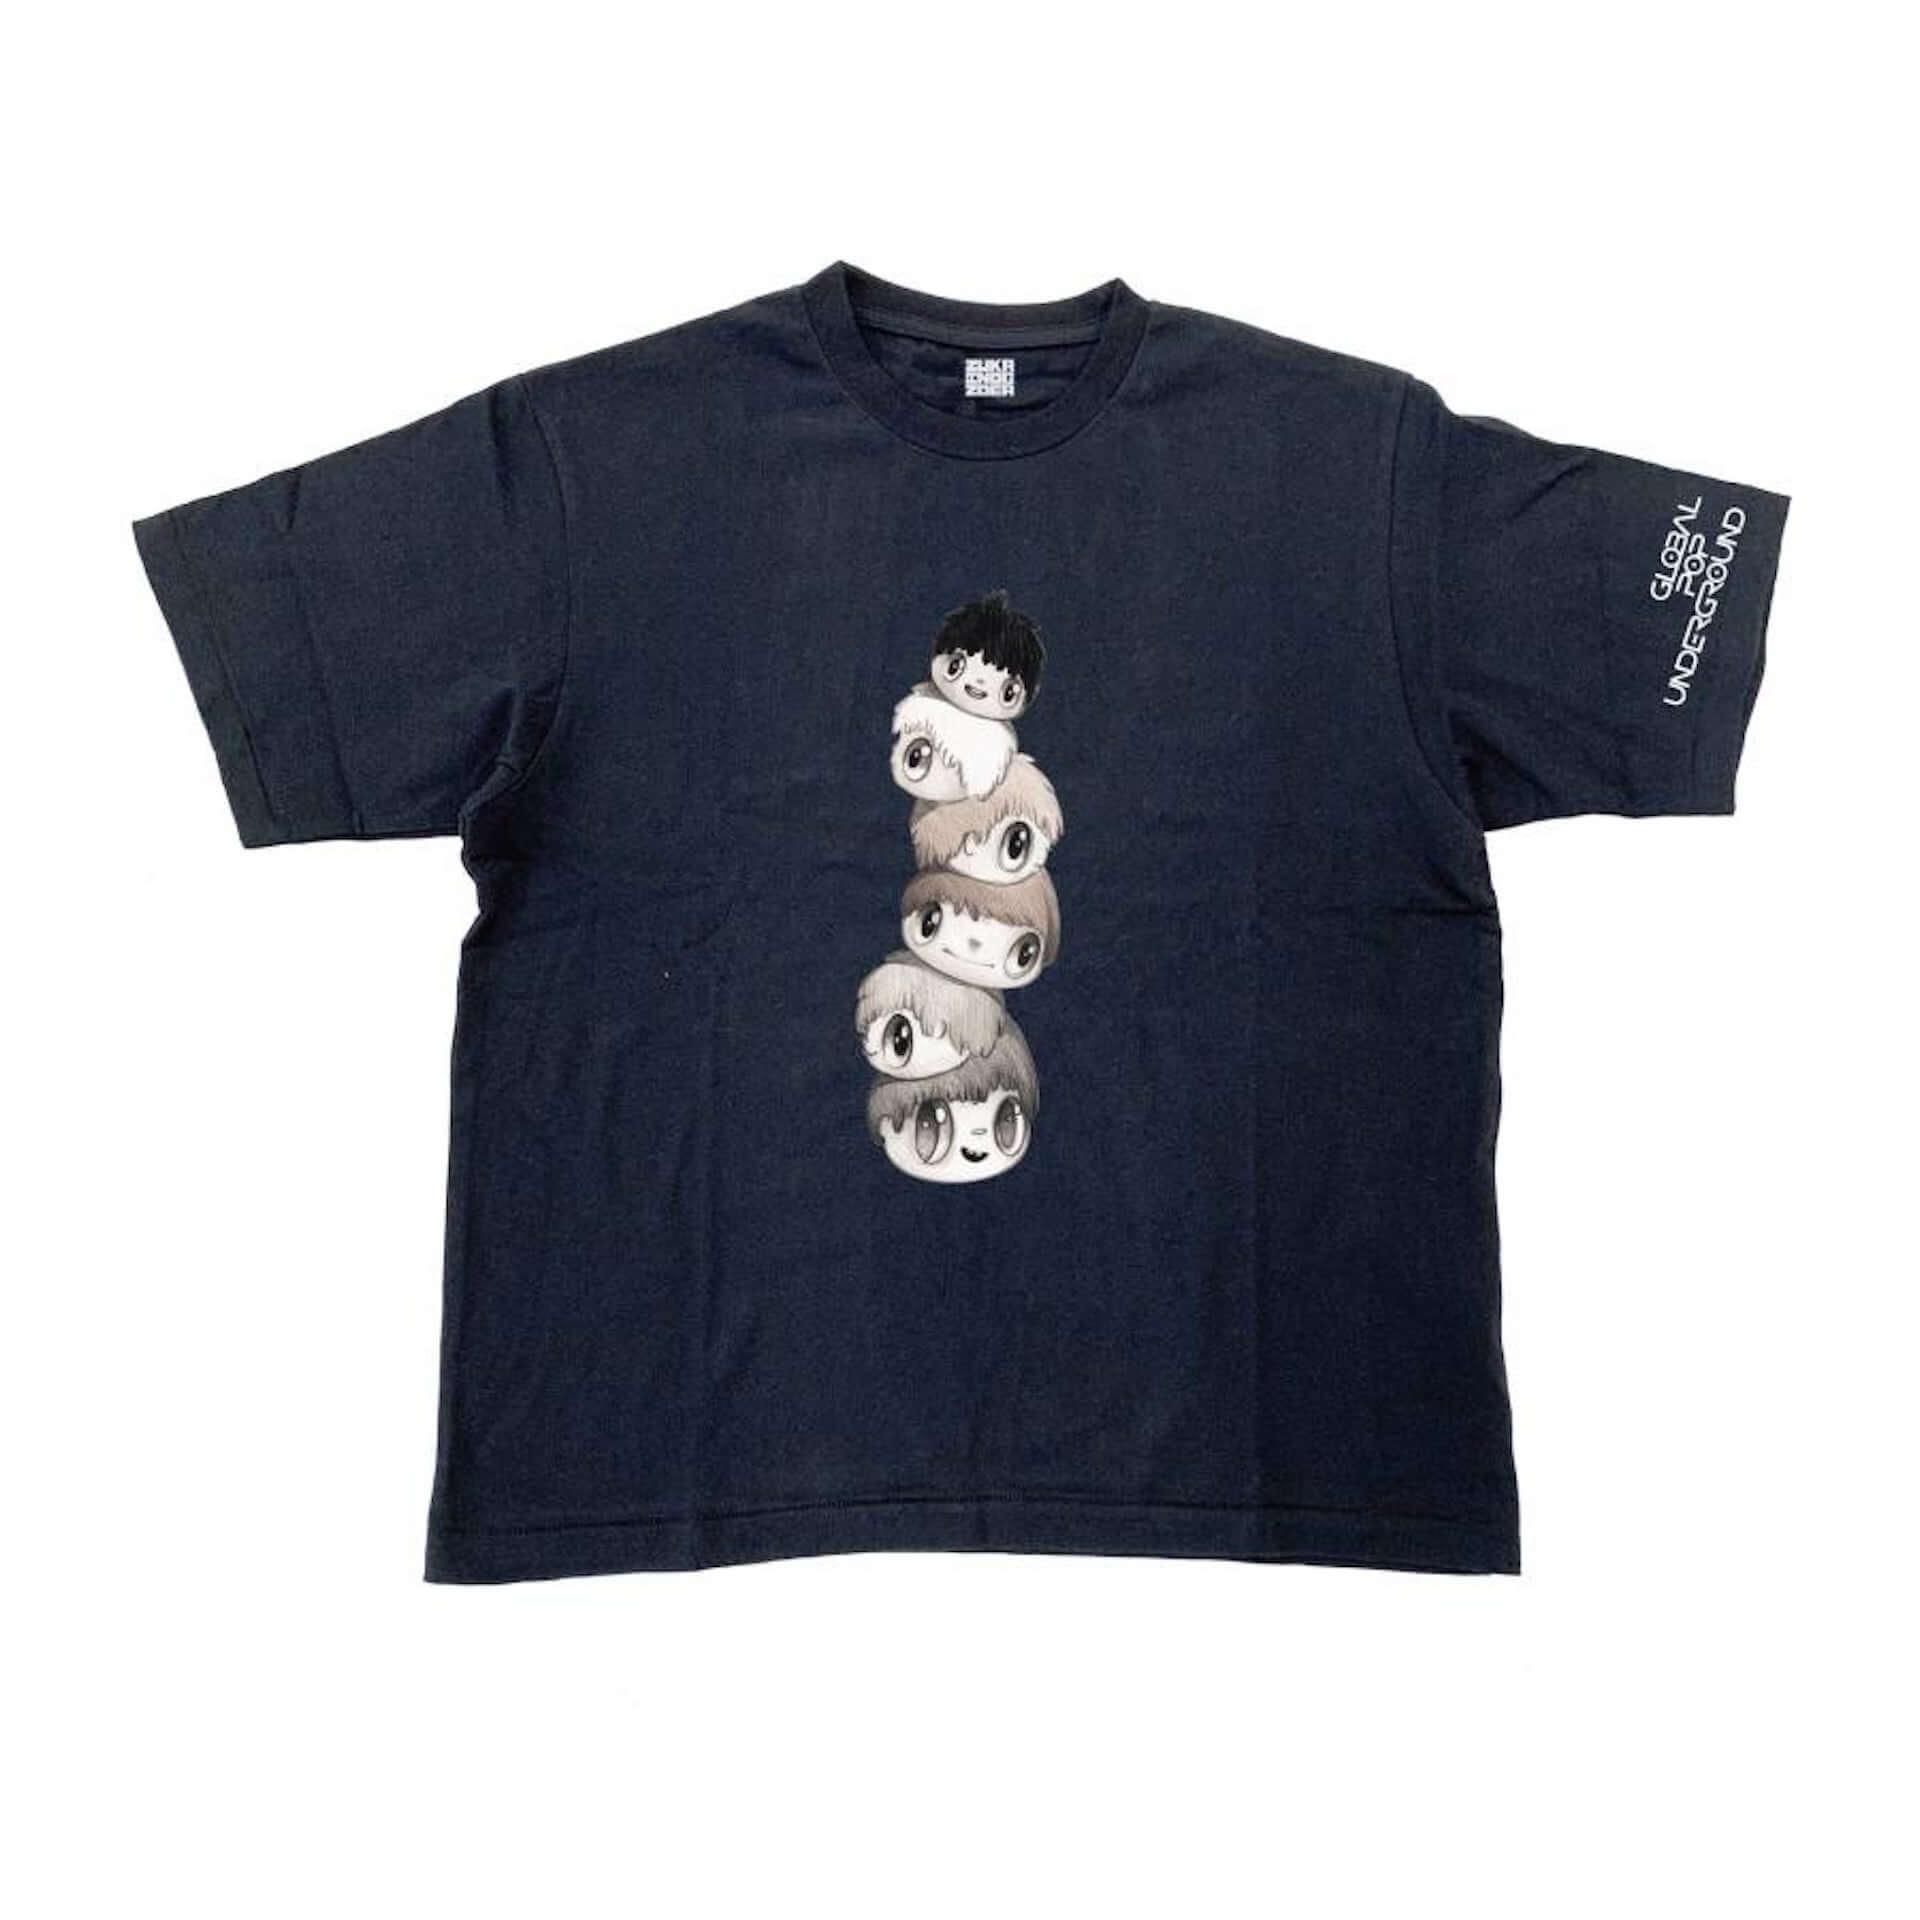 山口はるみ、空山基も参加!NANZUKA<GLOBAL POP UNDERGROUND>の限定Tシャツがリリース|オンライン展示も開始 art200715_parco_gpu_3-1920x1920